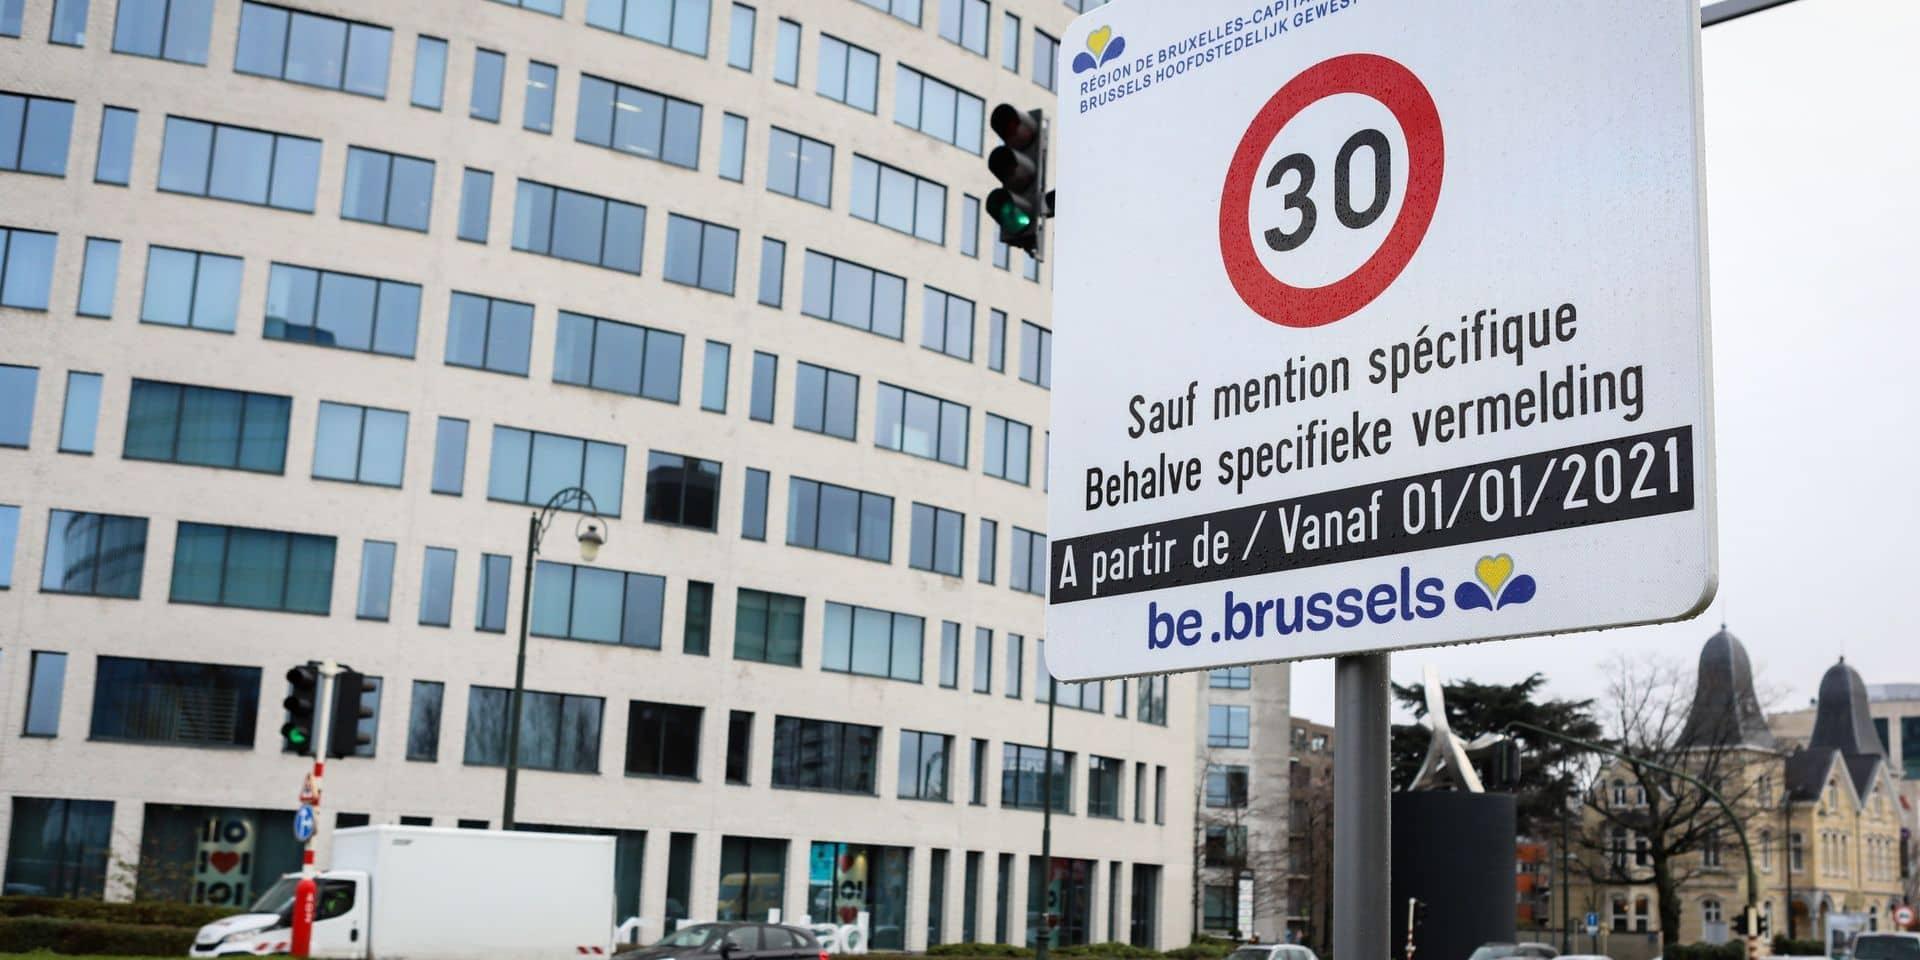 Une cinquantaine de personnes manifestent contre la zone 30 à Bruxelles